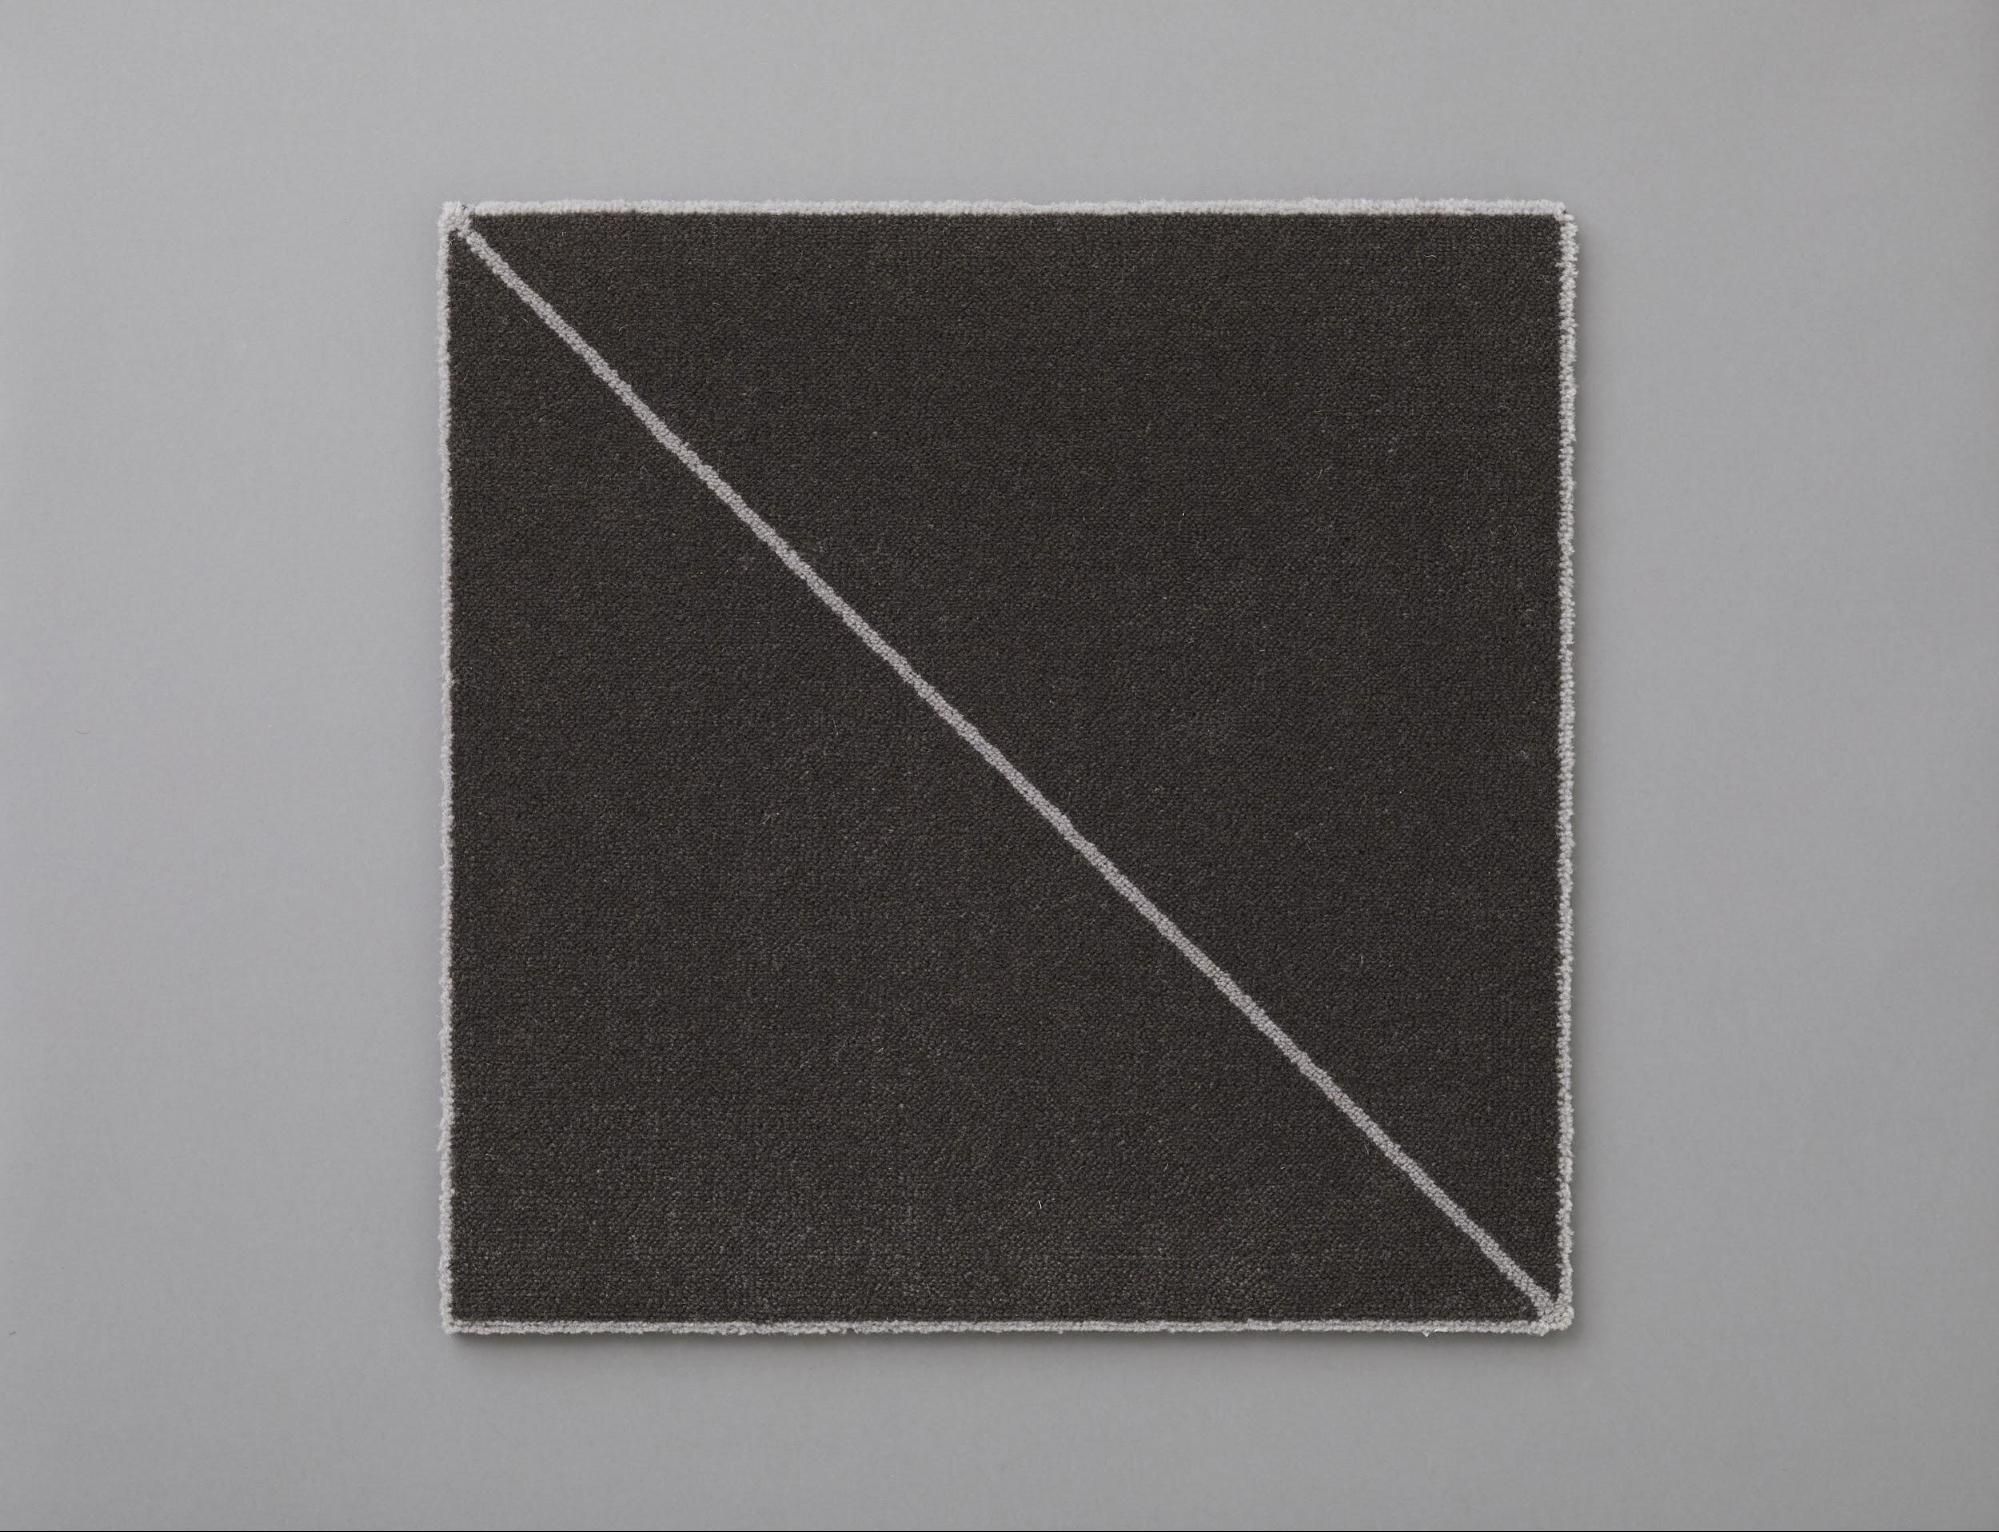 HOTTA CARPET 簡単に床をつくれるDIYカーペット_WOOLTILE スラッシュ(50×50)